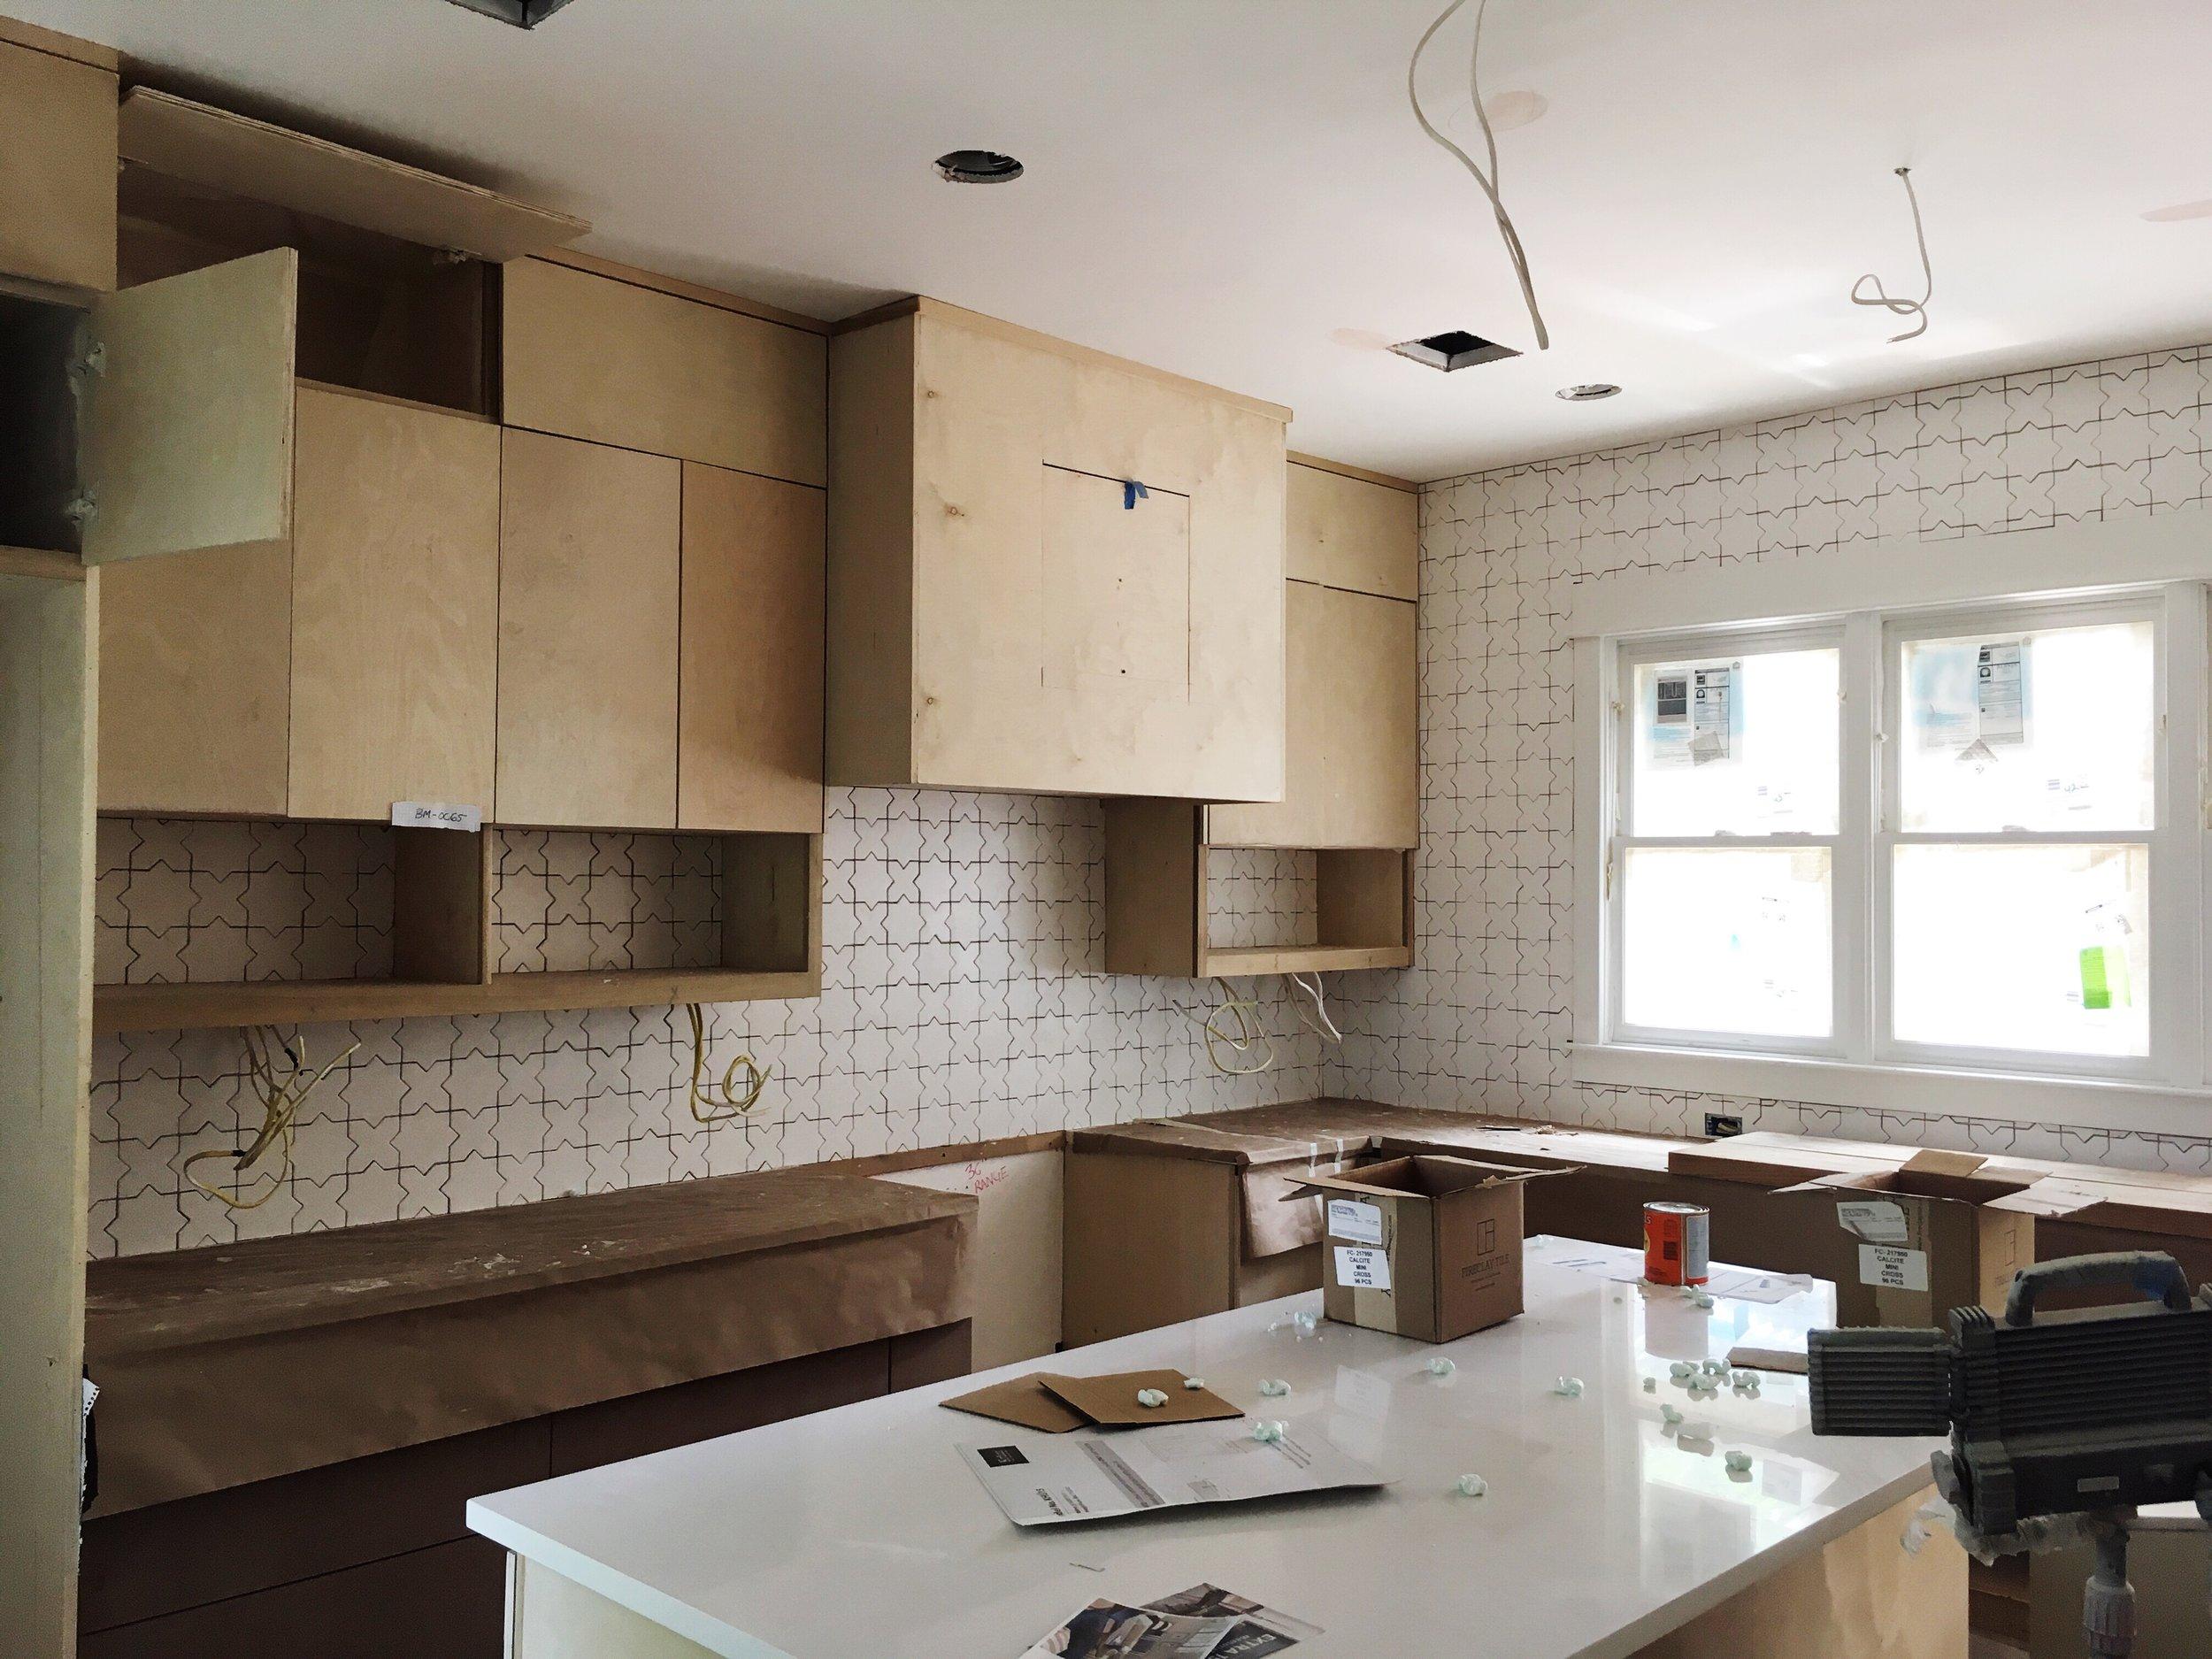 kitchen modern southern bungalow week 31.JPG